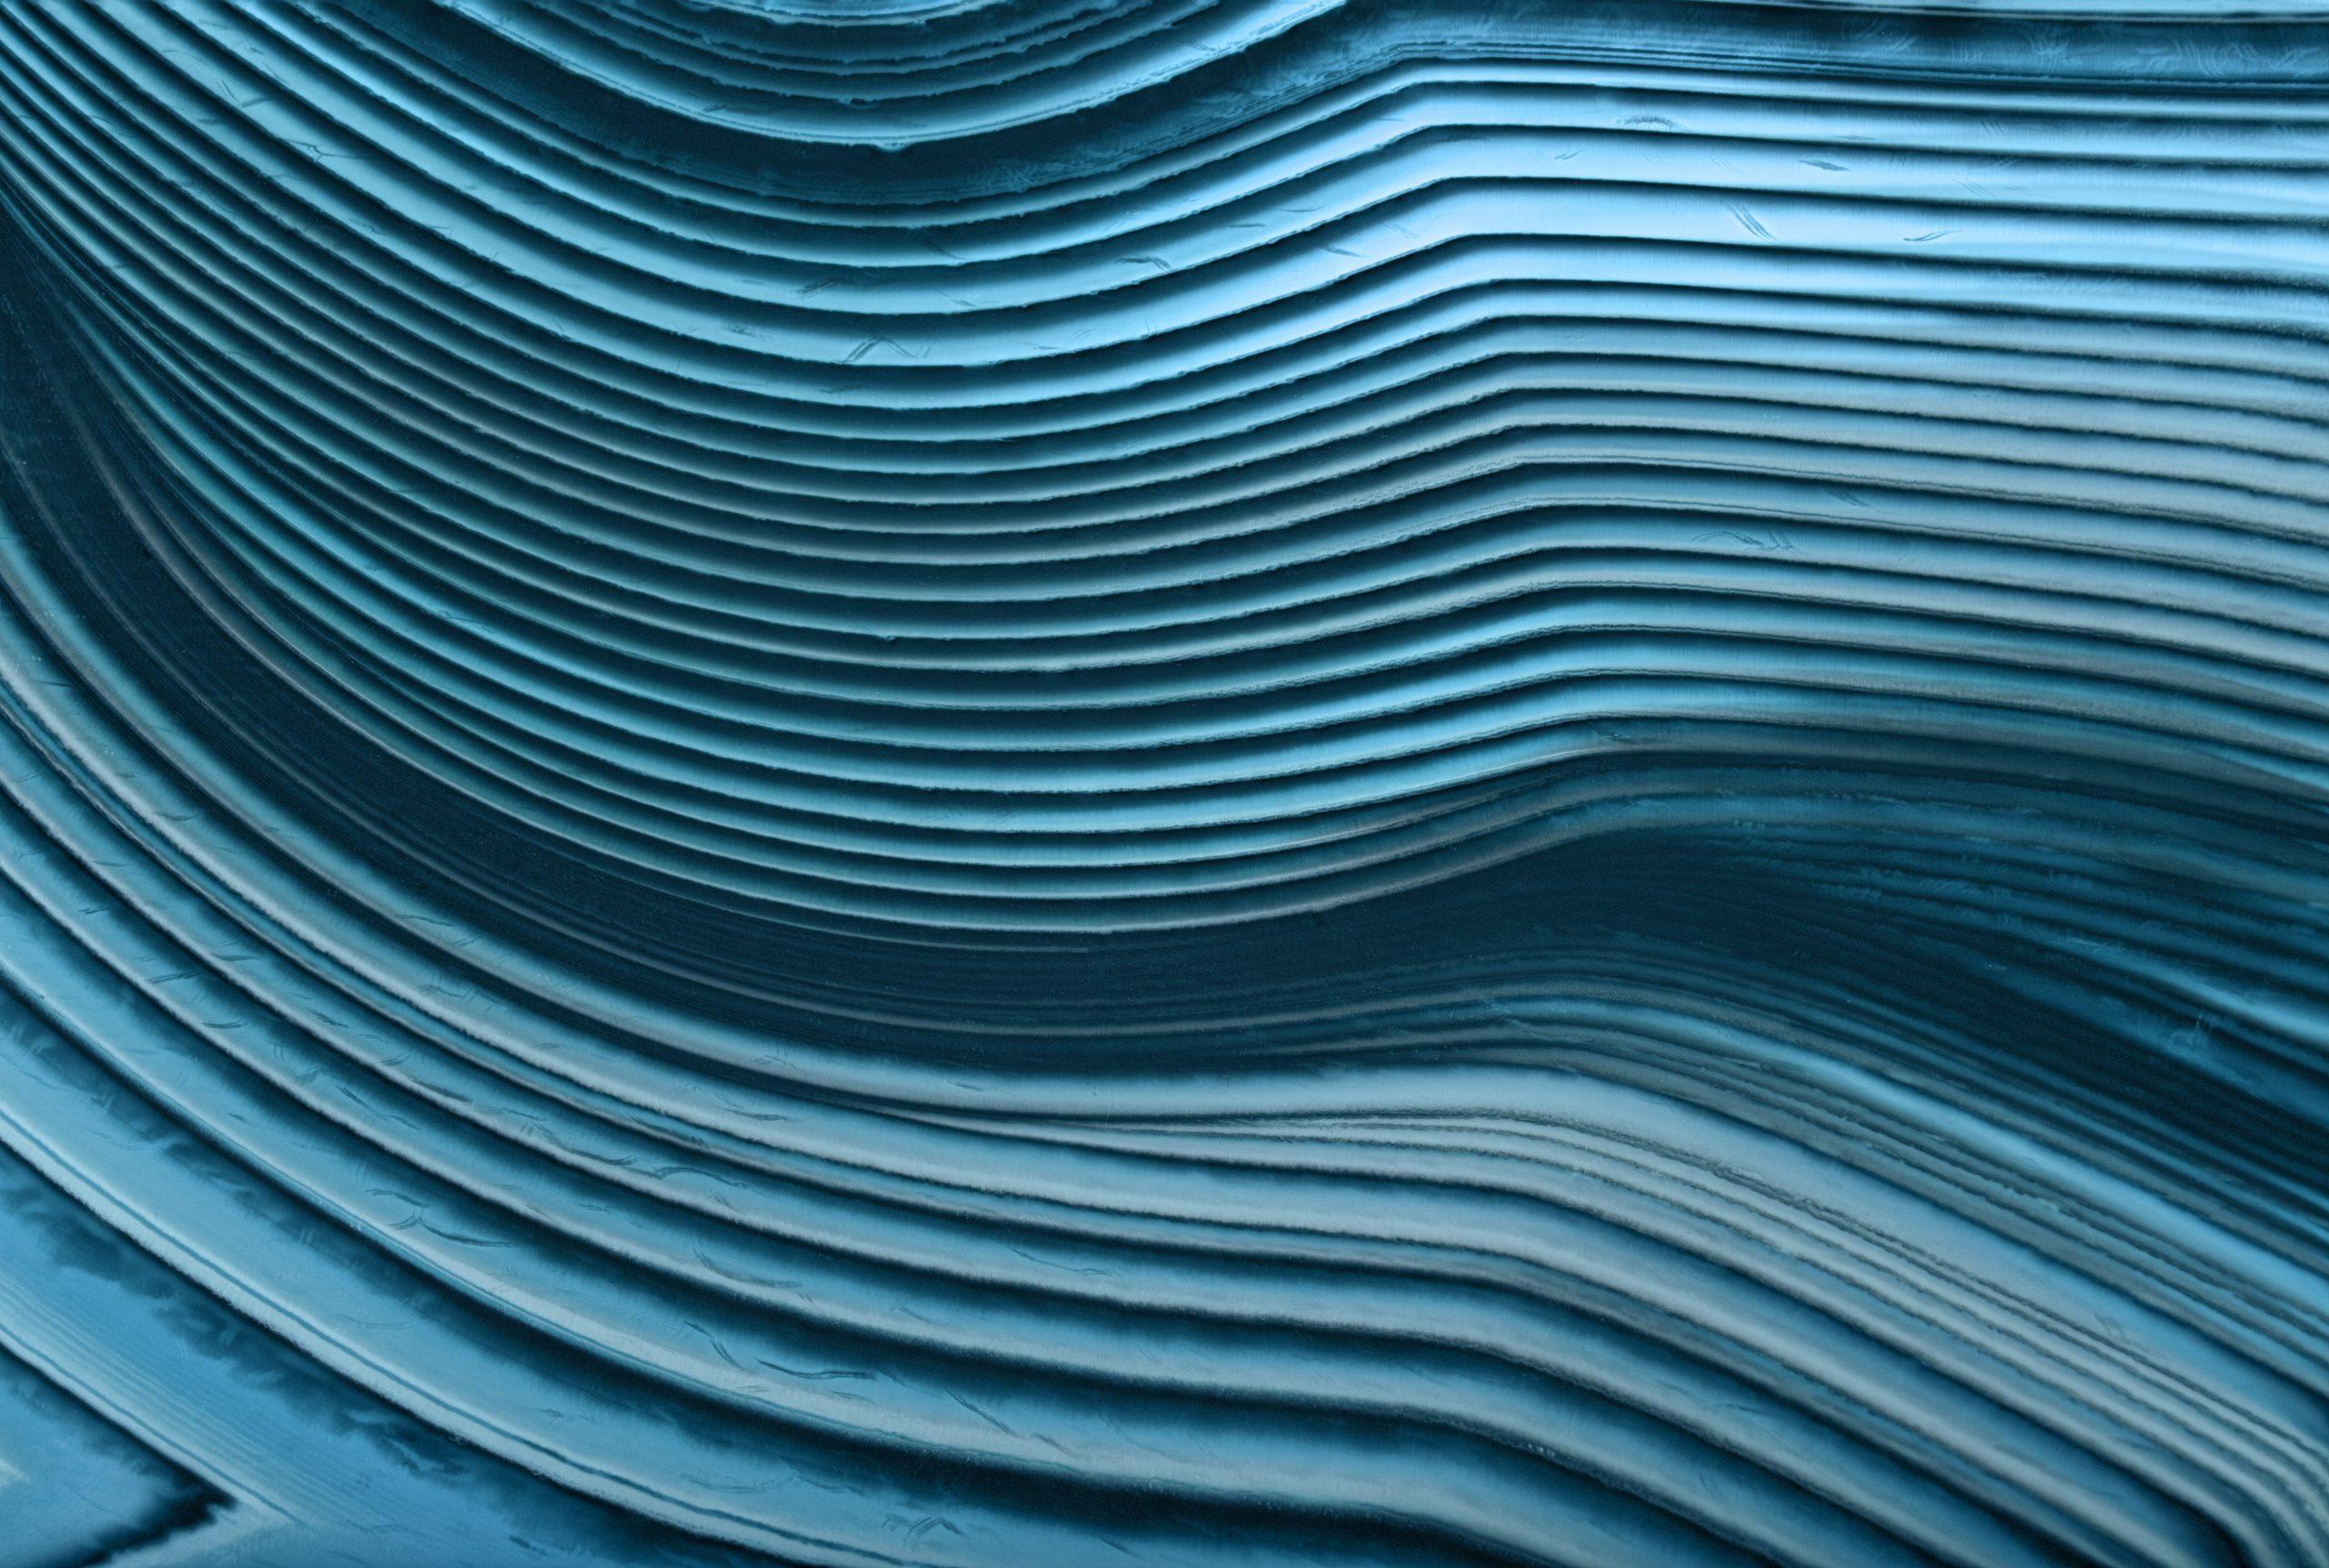 cyan agate lines macro texture